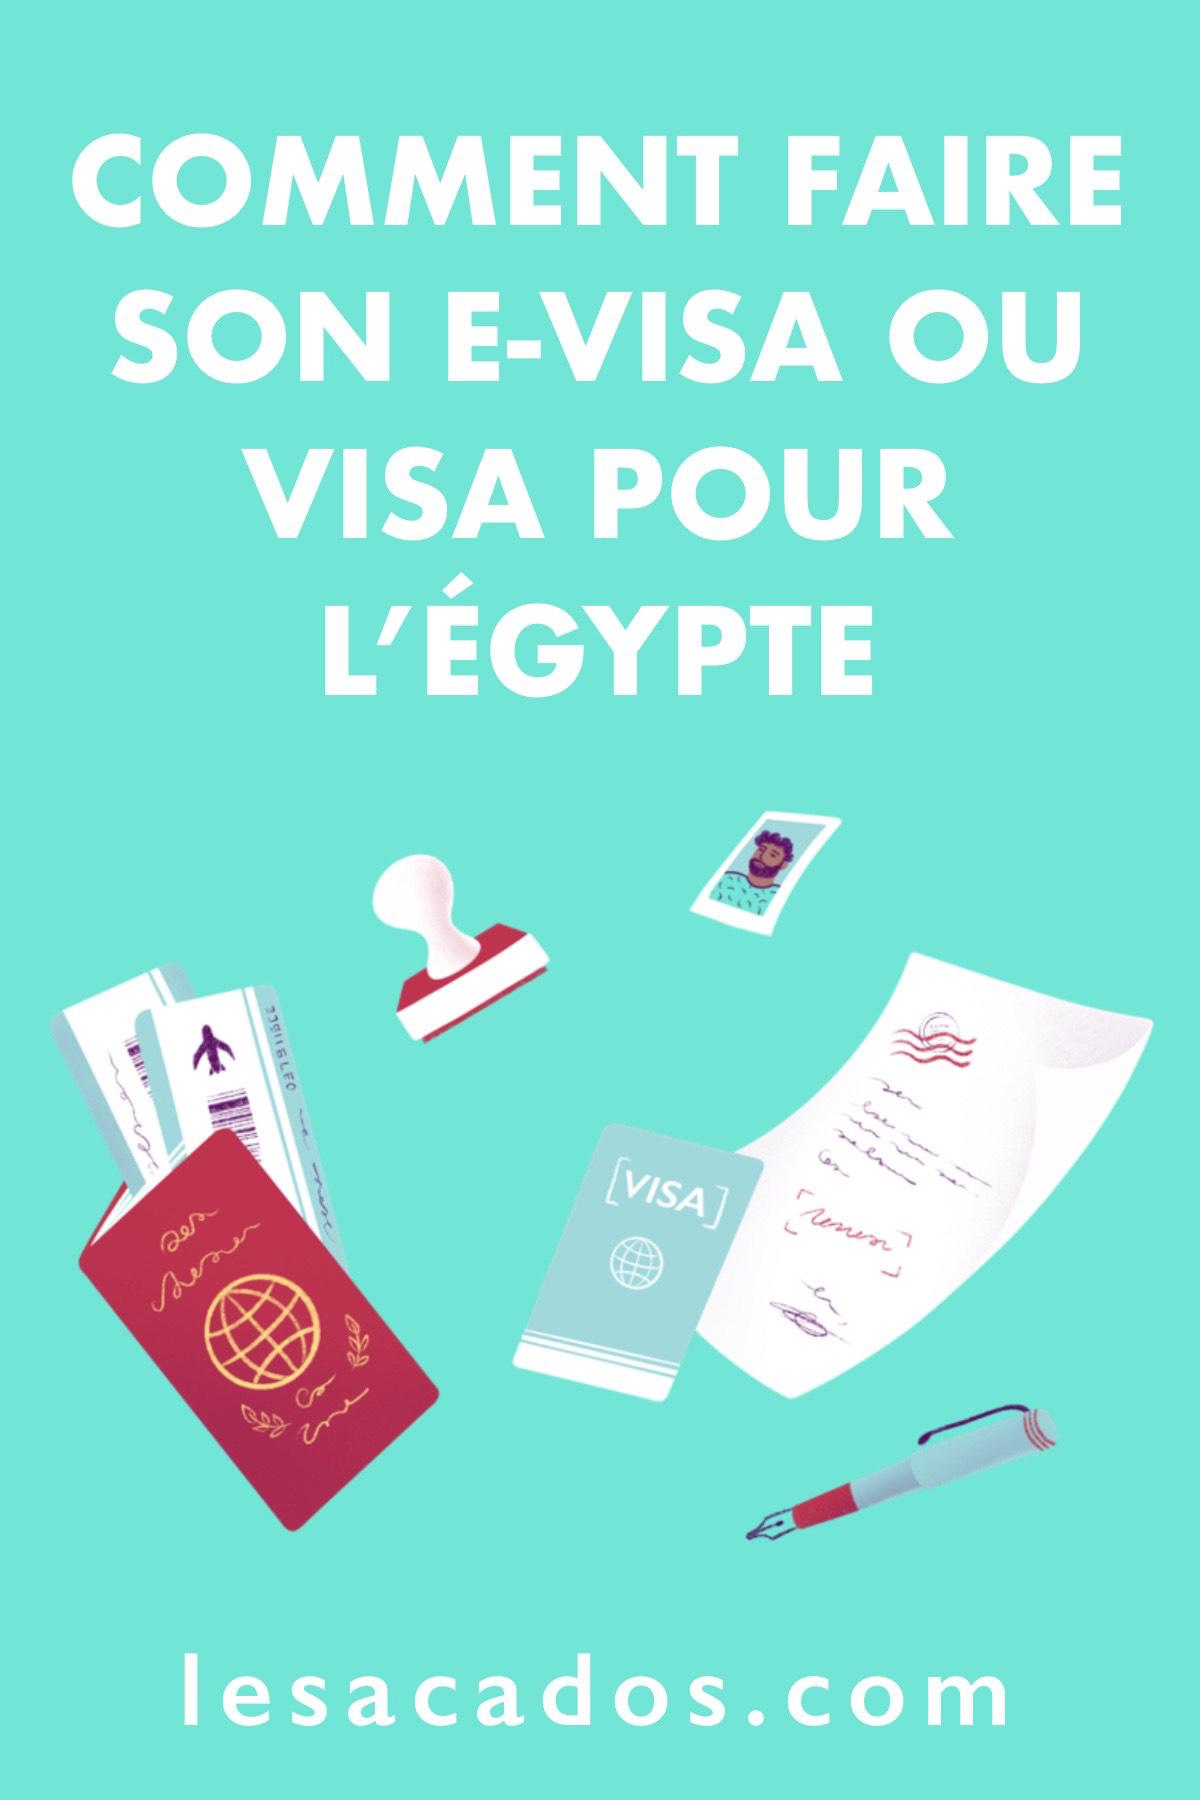 Je vous explique comment obtenir votre visa pour l'Éygpte tout seul ou avec l'aide d'une agence. Visa simple ou à entrées multiples, valables 1 ou 3 mois.